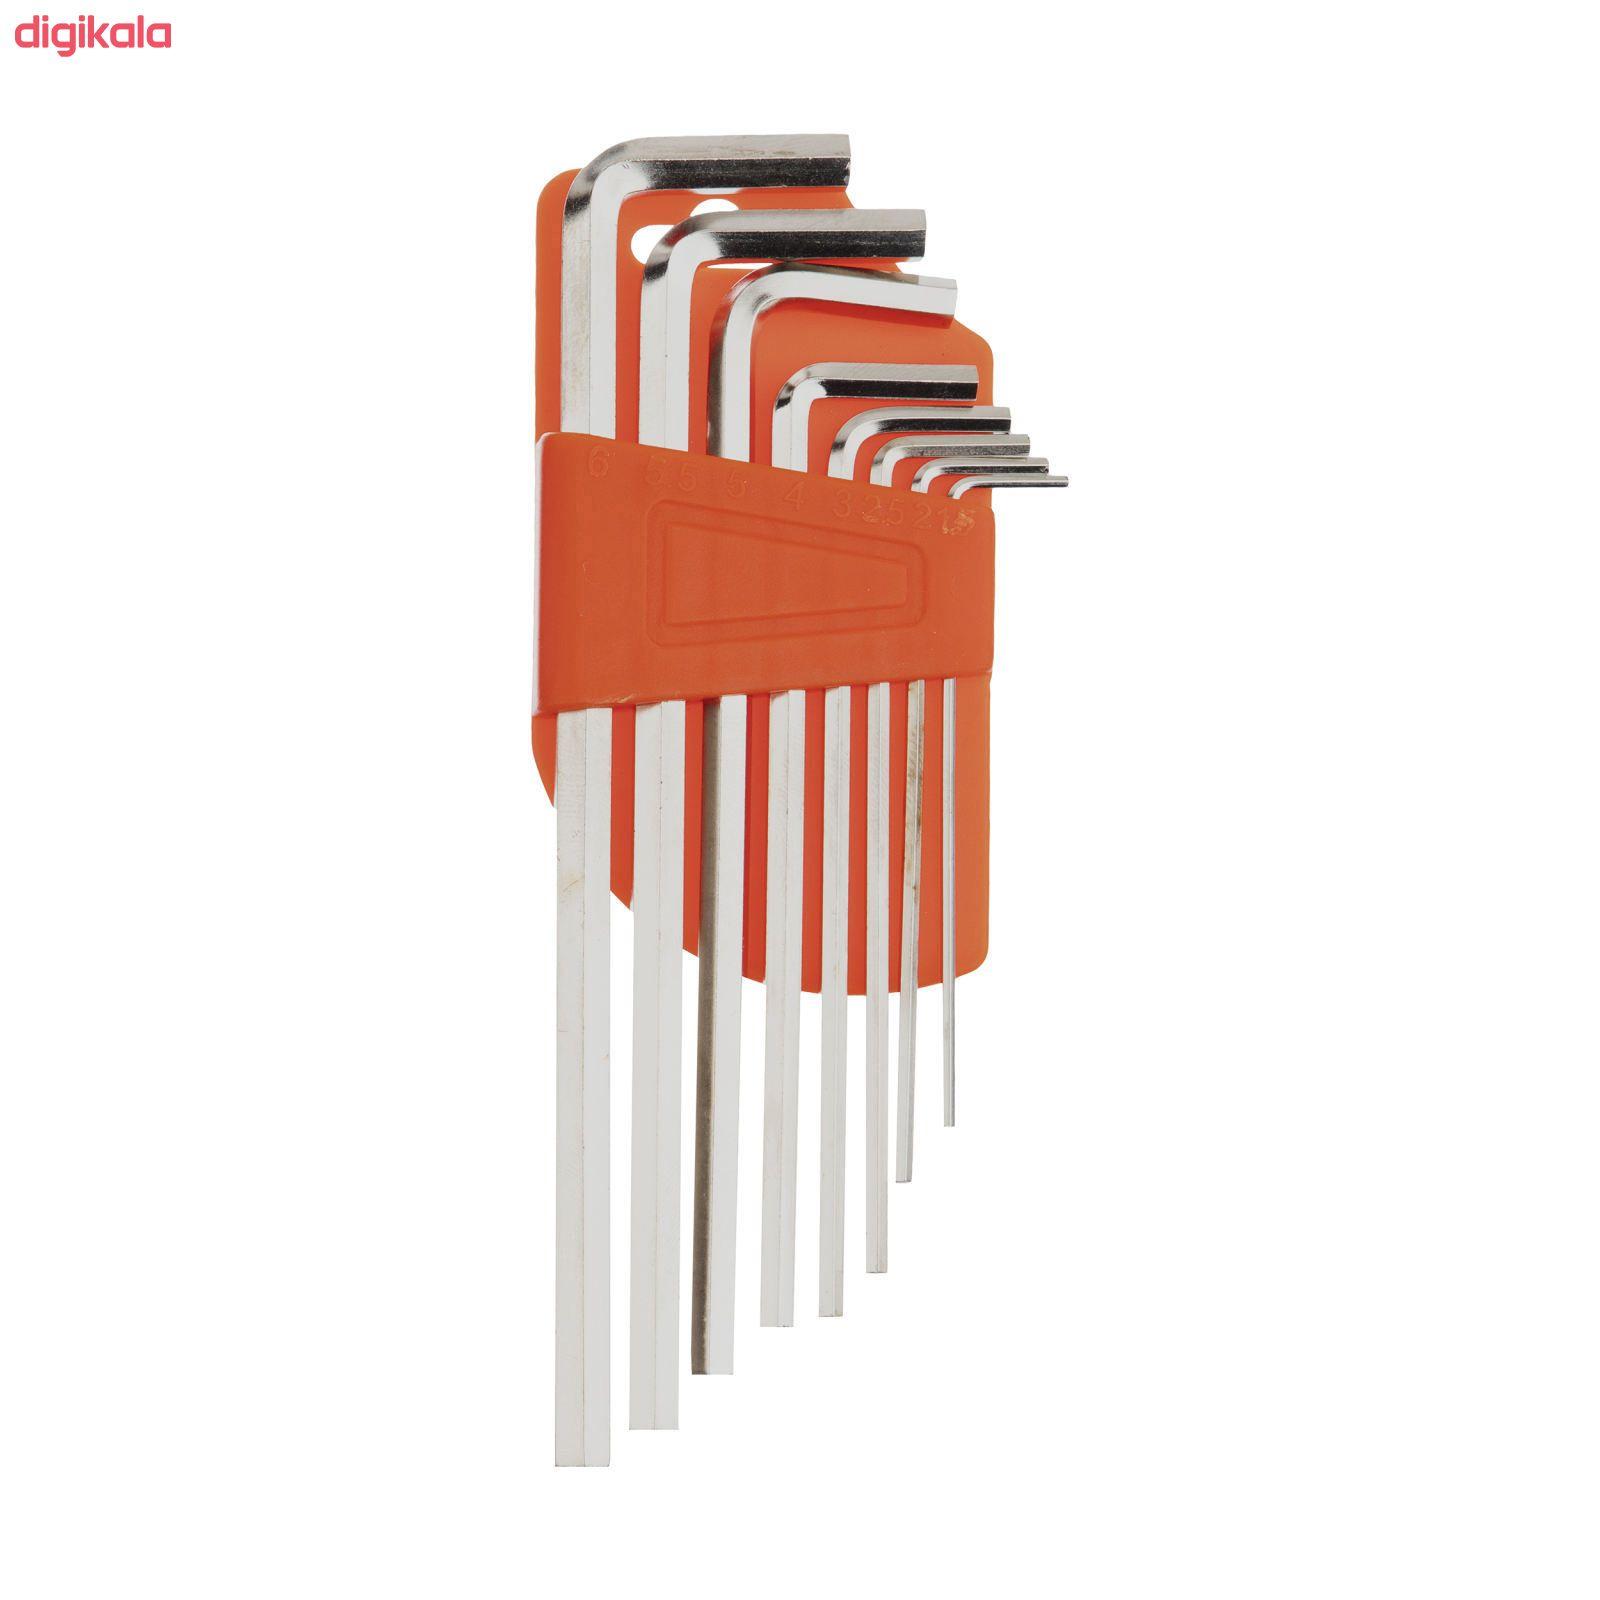 مجموعه 130 عددی ابزار مستر تولز مدل 6013 کد 2 main 1 26